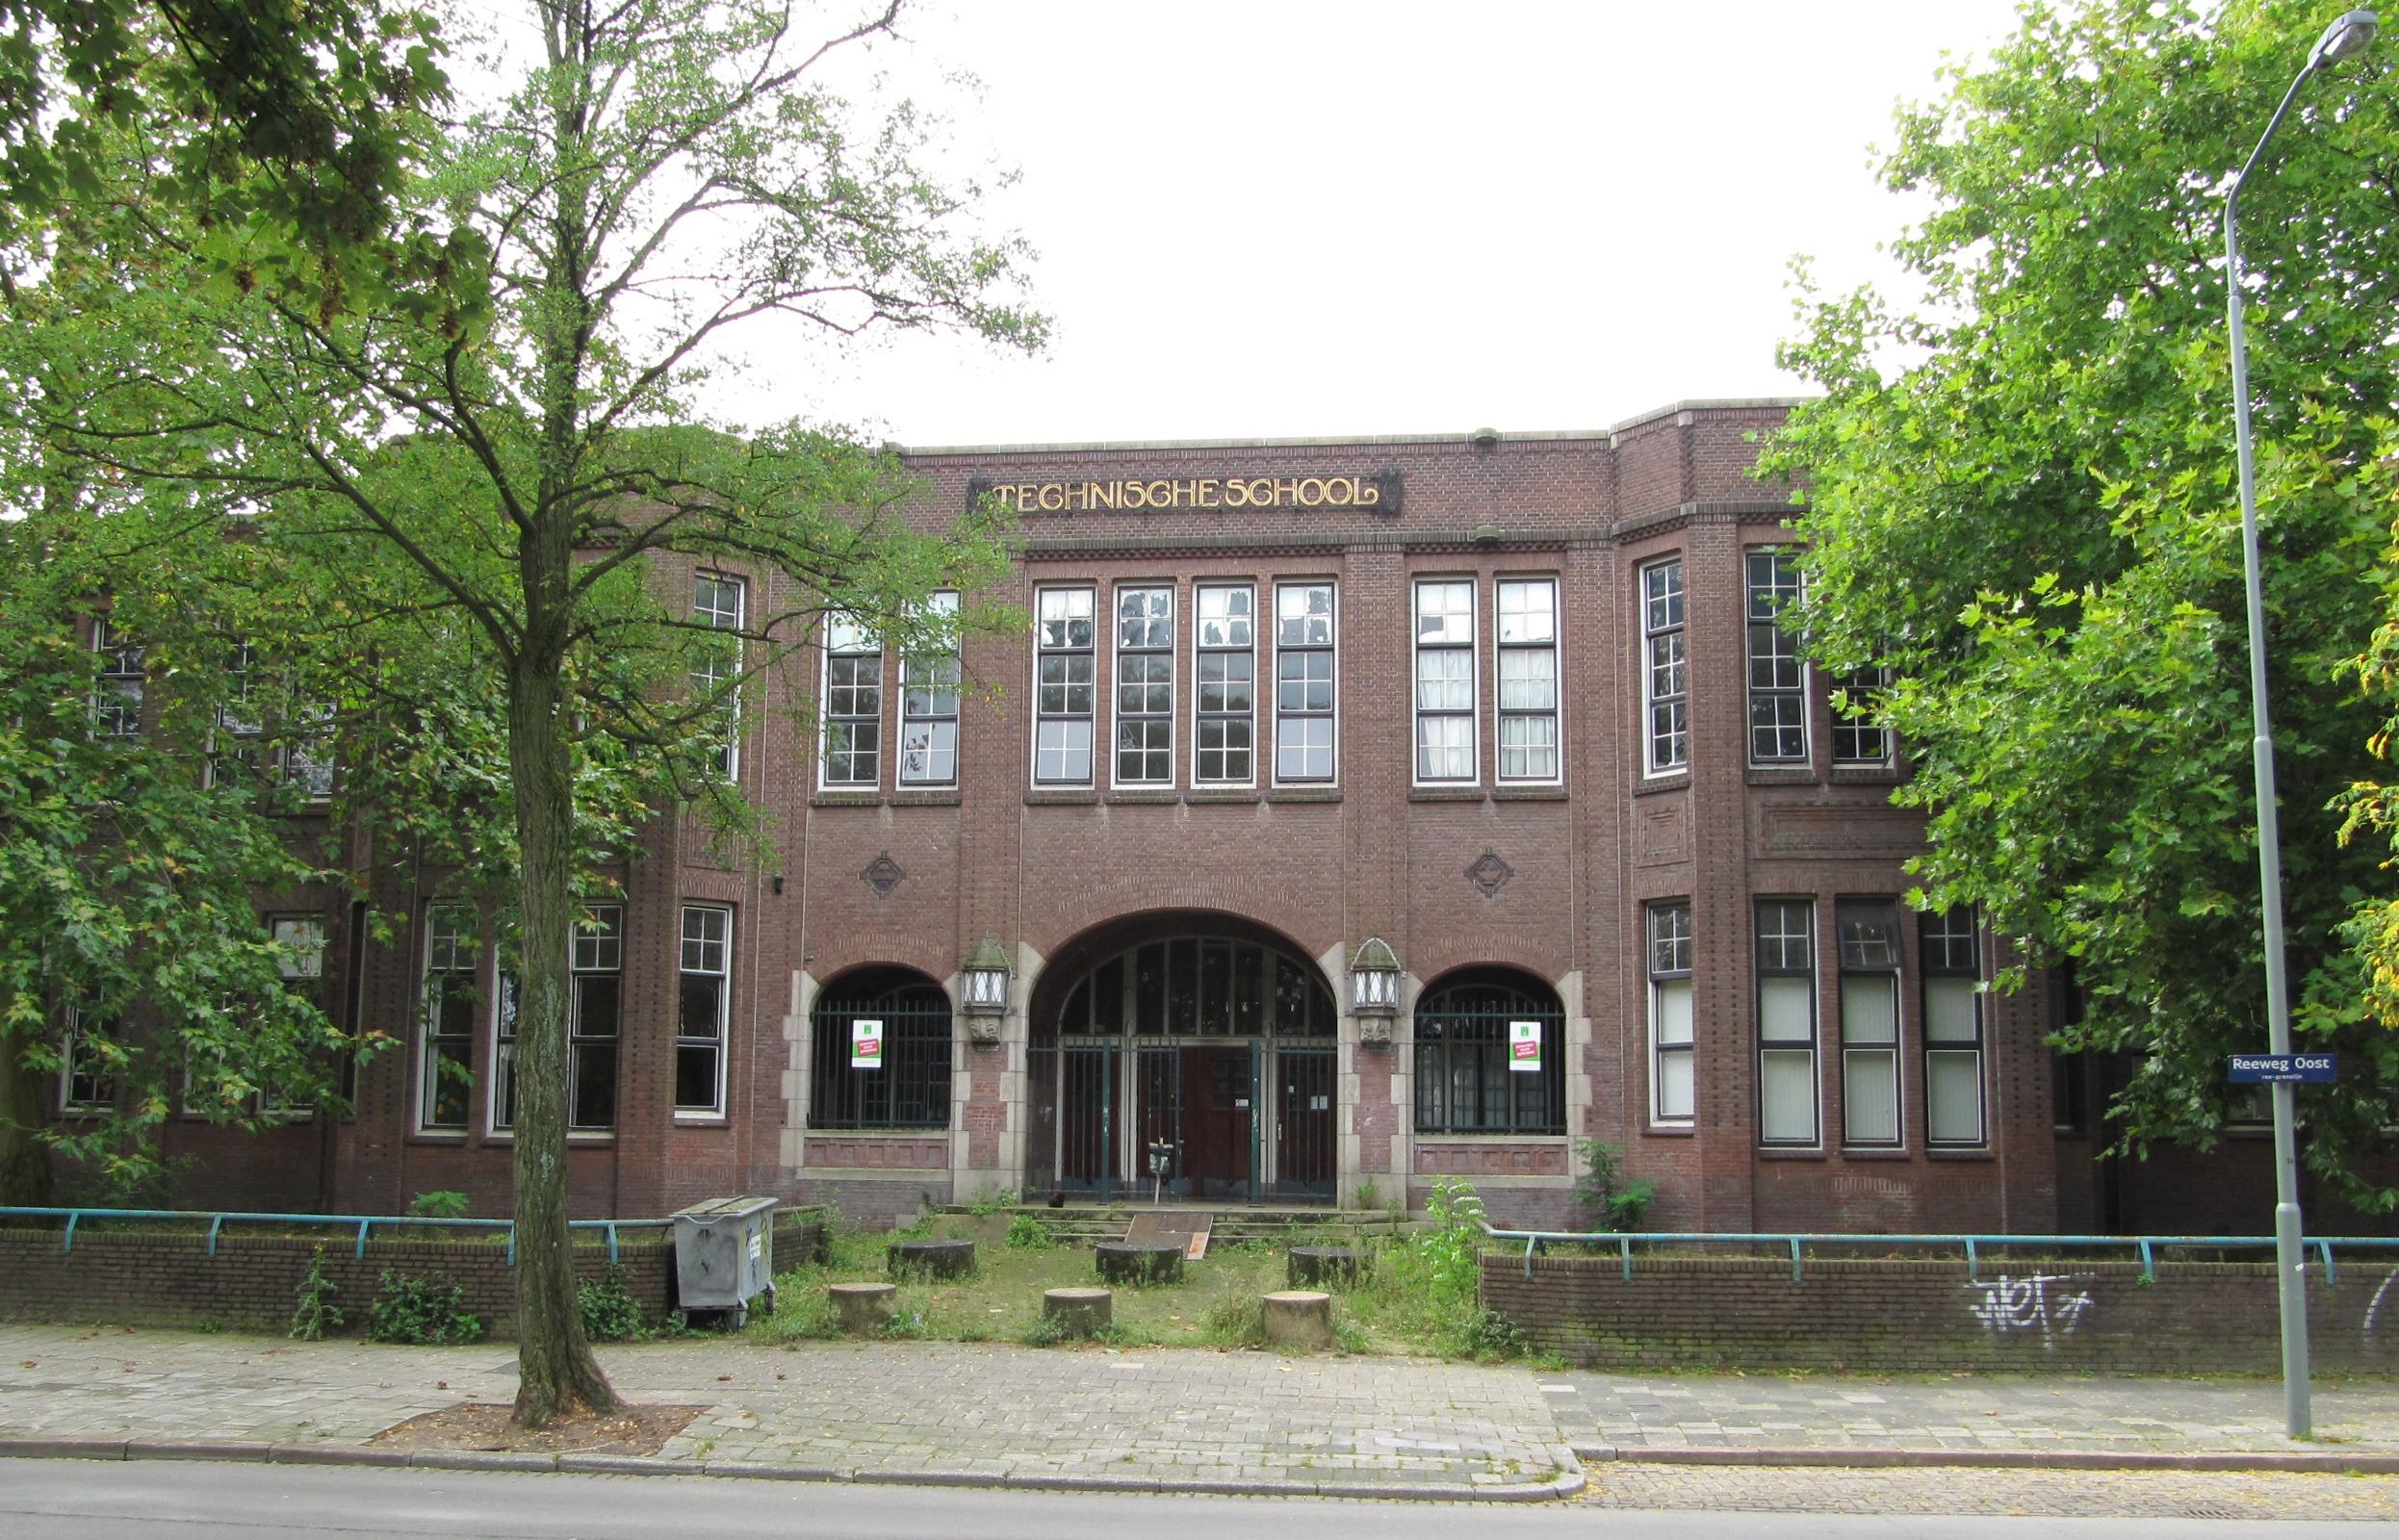 Voormalige Technische School in Dordrecht | Monument ...